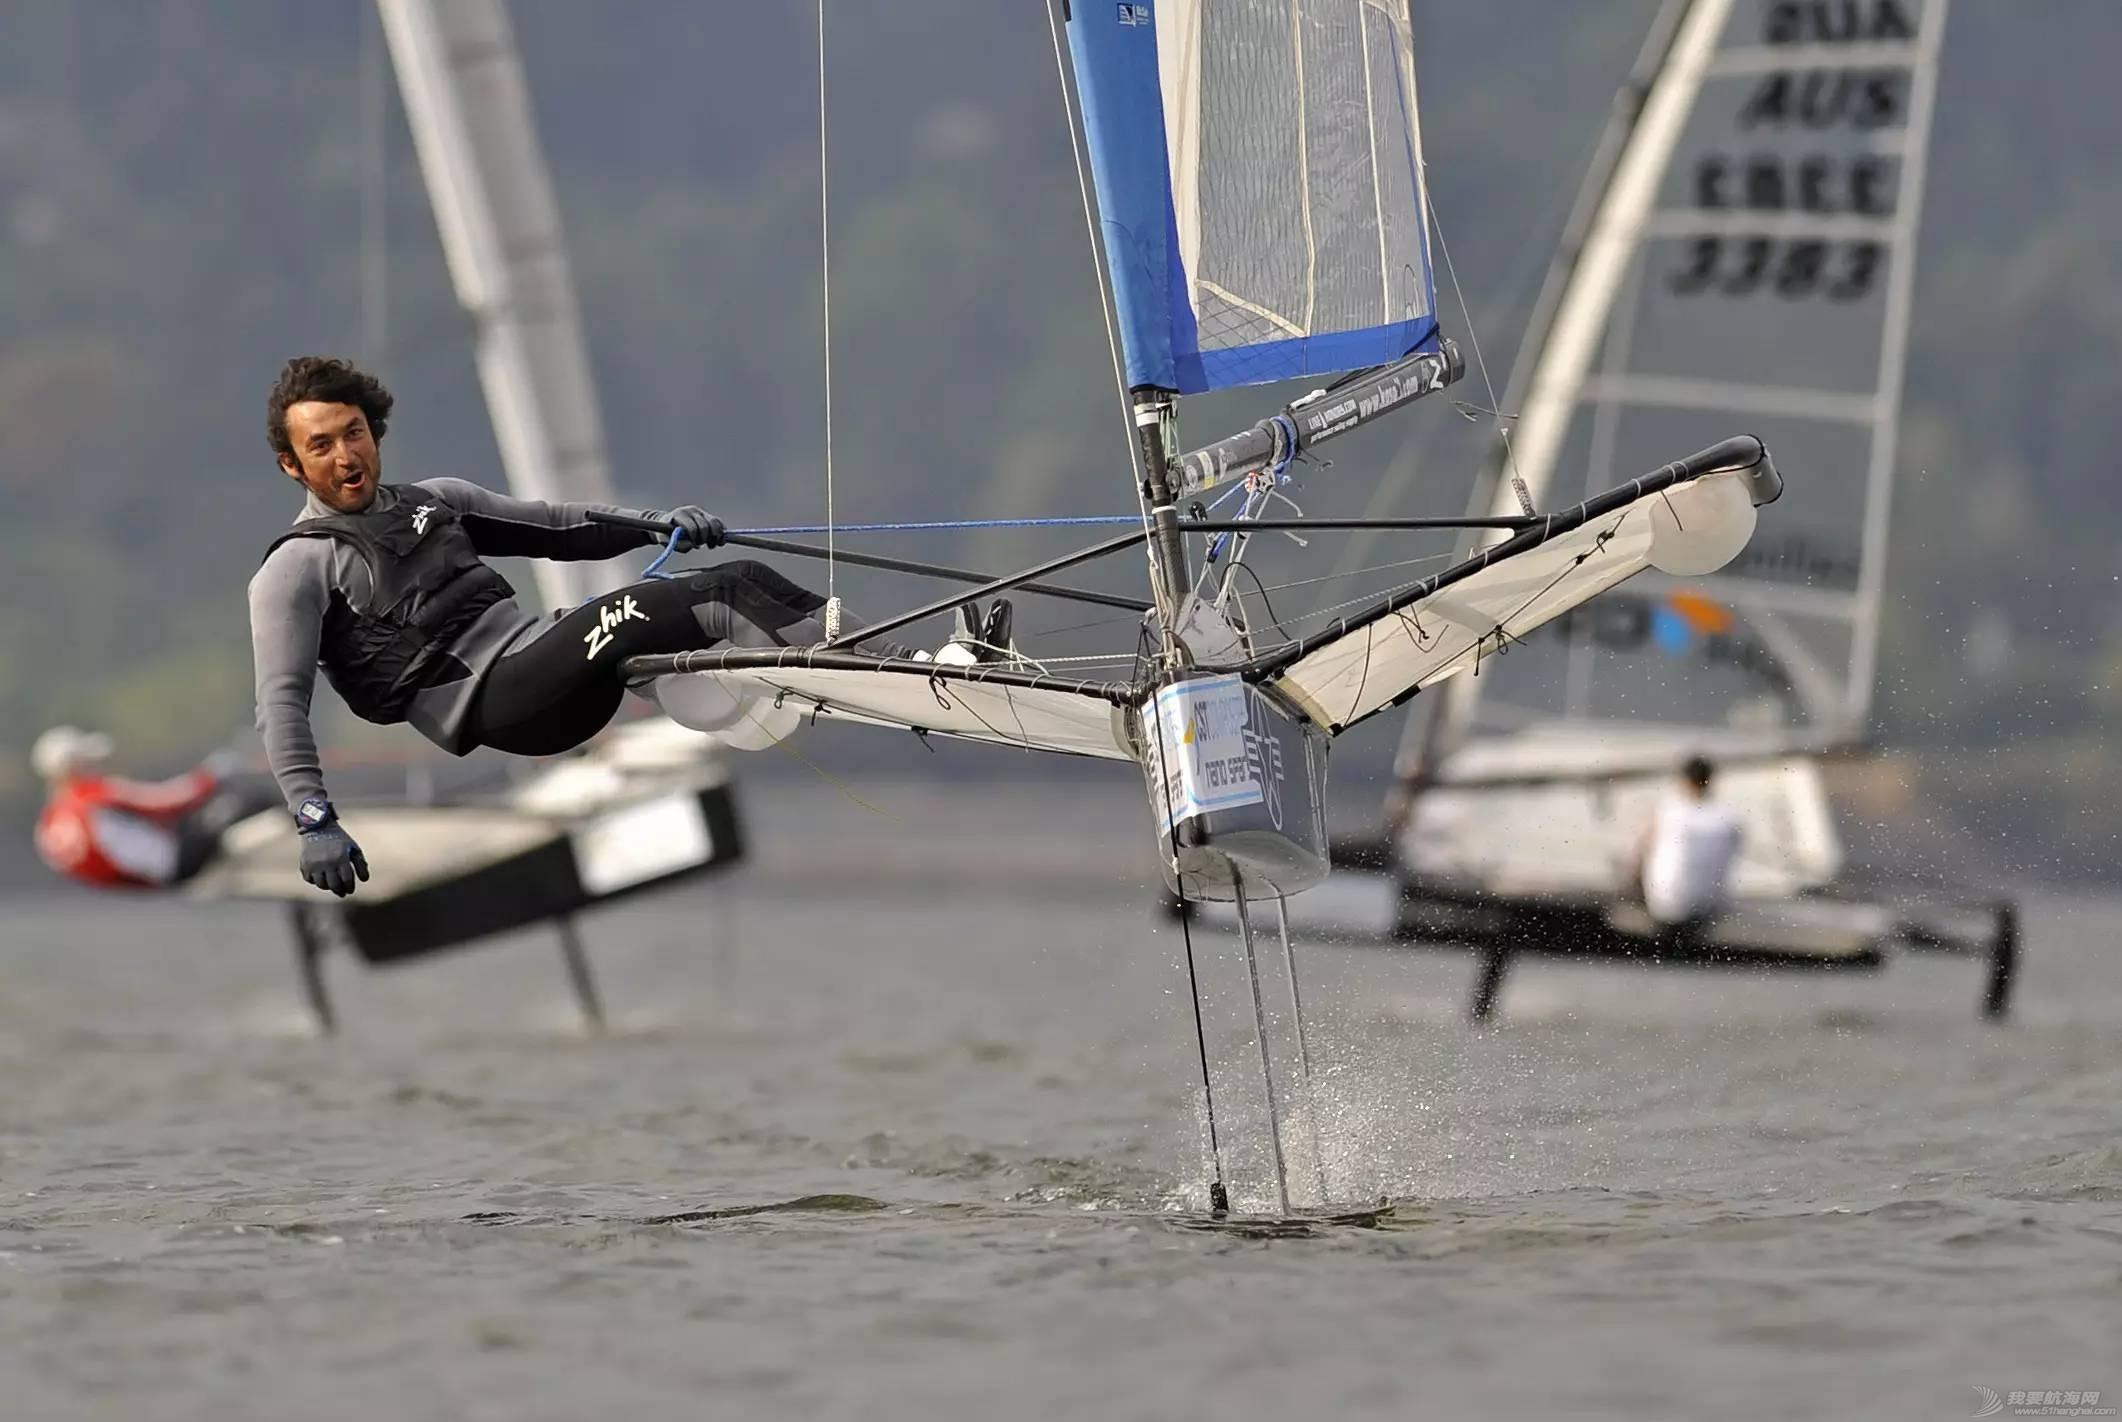 """帆船运动,美洲杯,旧金山,全世界,系列赛 帆船也能""""飞""""?---最具代表性的12艘水翼帆船 38117276ce7be6986696ed40e42fc231.jpg"""